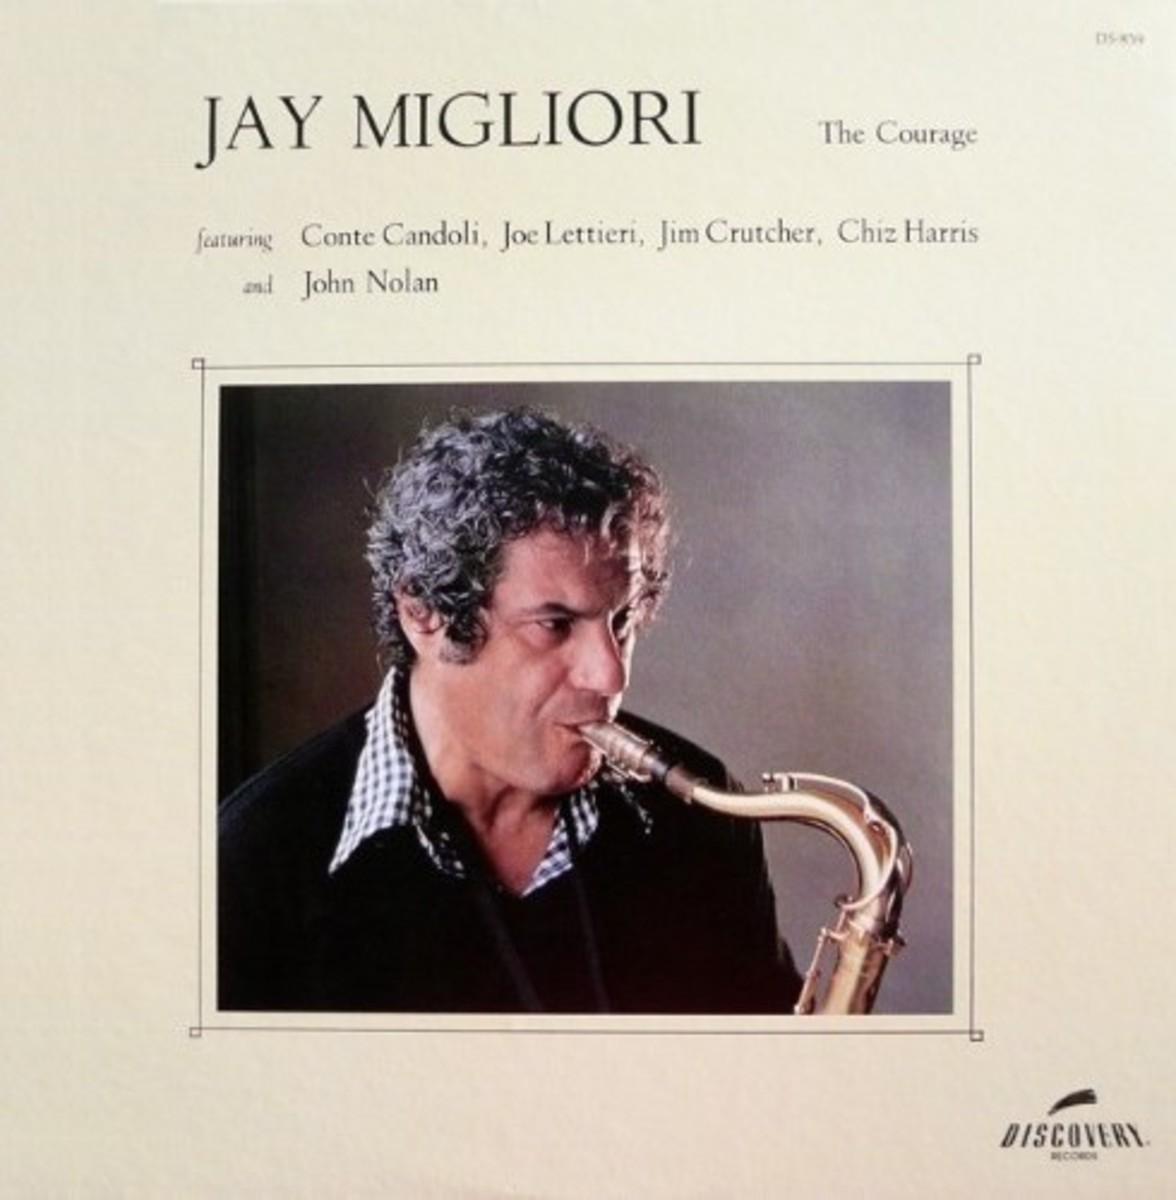 Jay Migliori